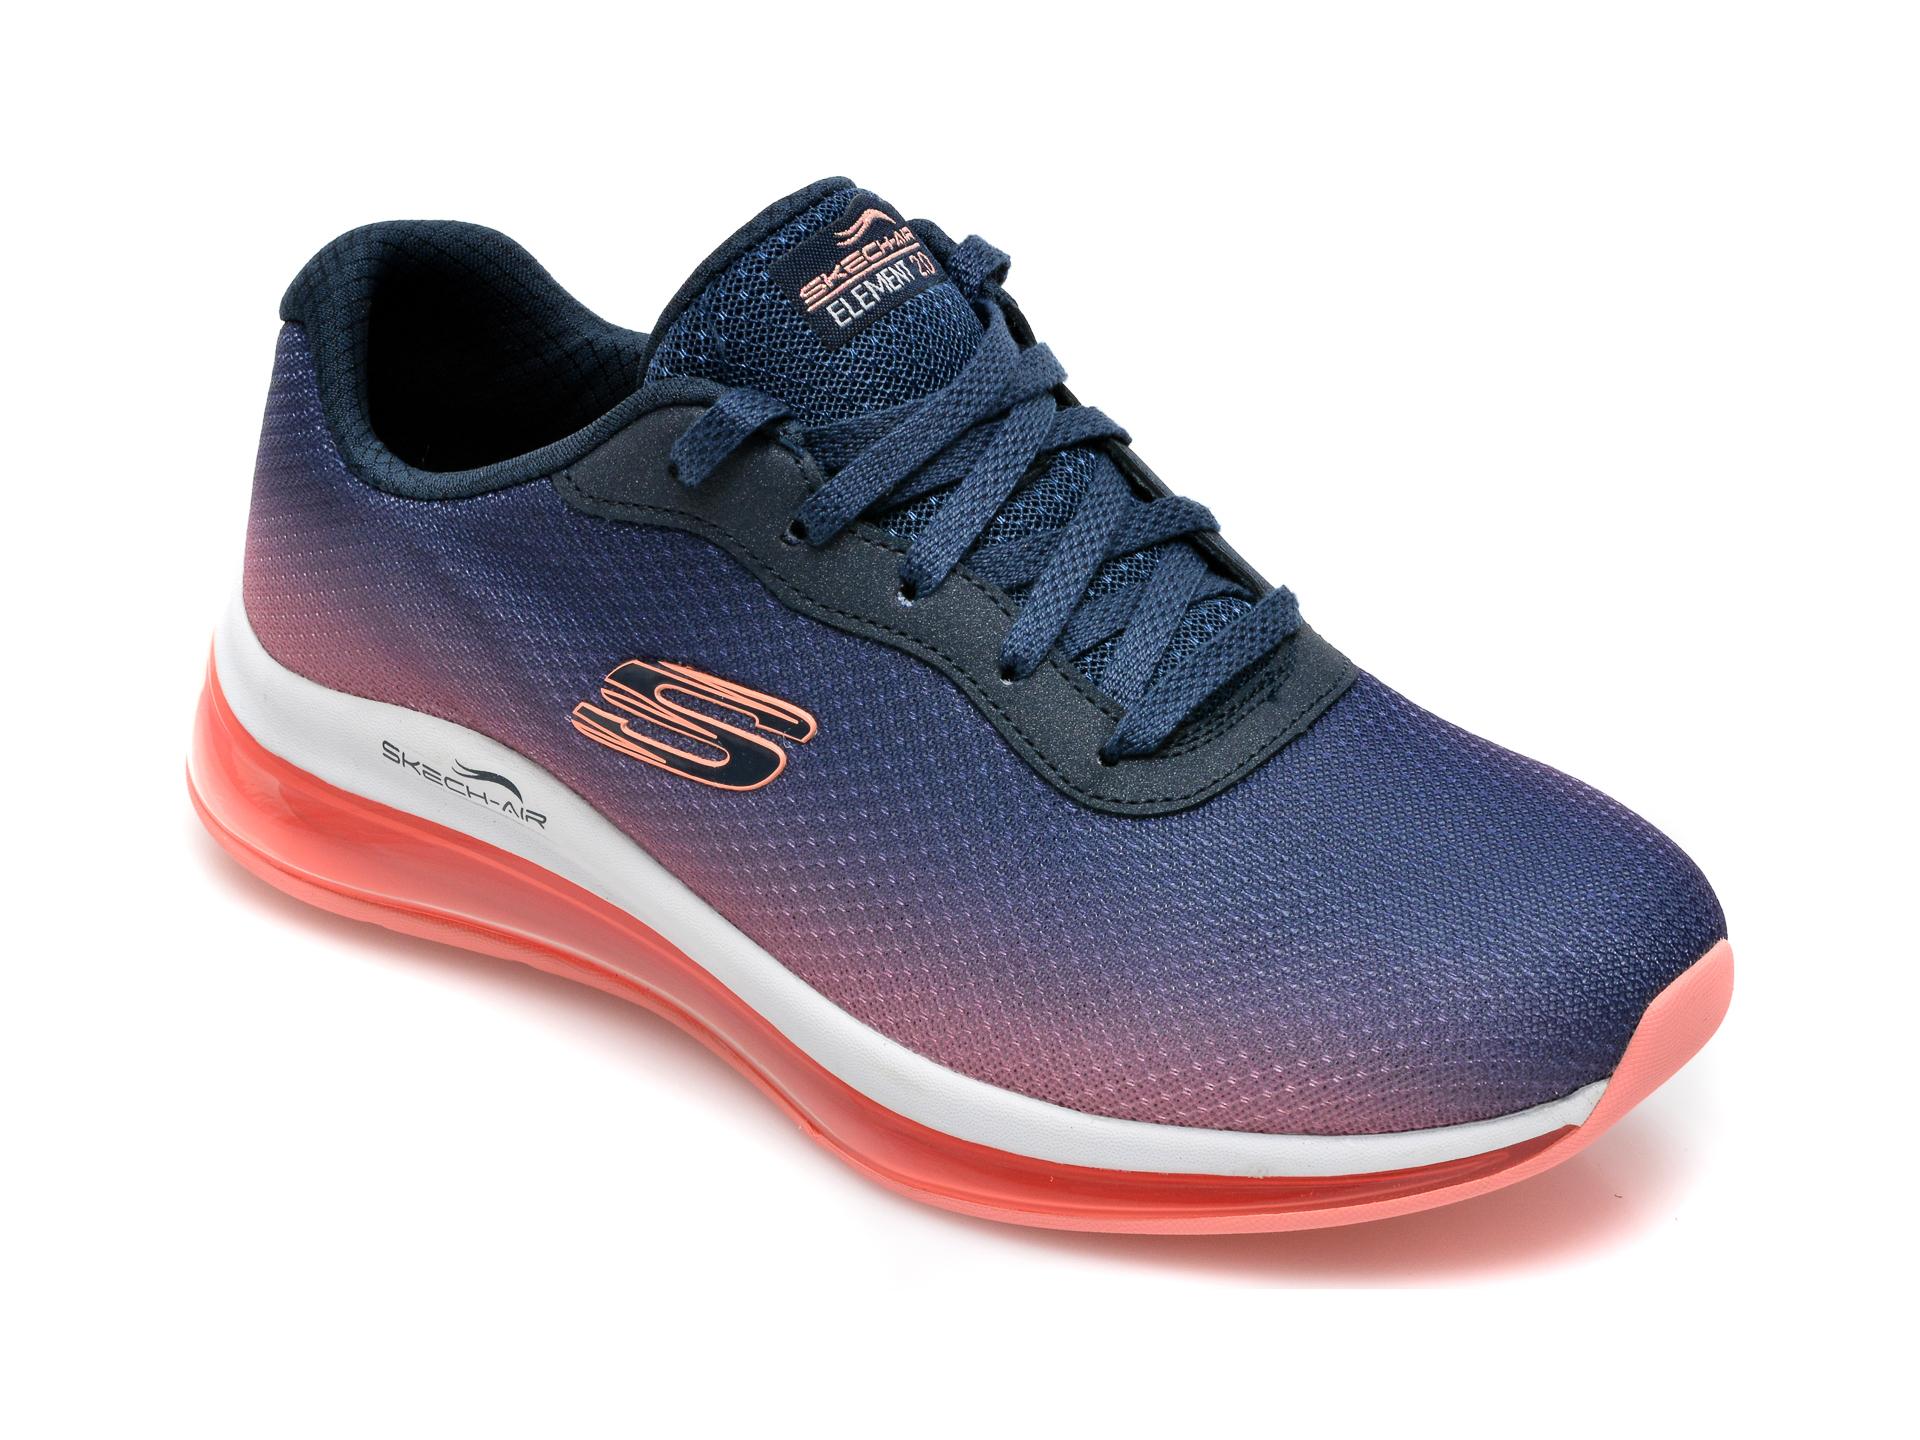 Pantofi Sport Skechers Bleumarin, Skech-air Element 2.0, Din Material Textil